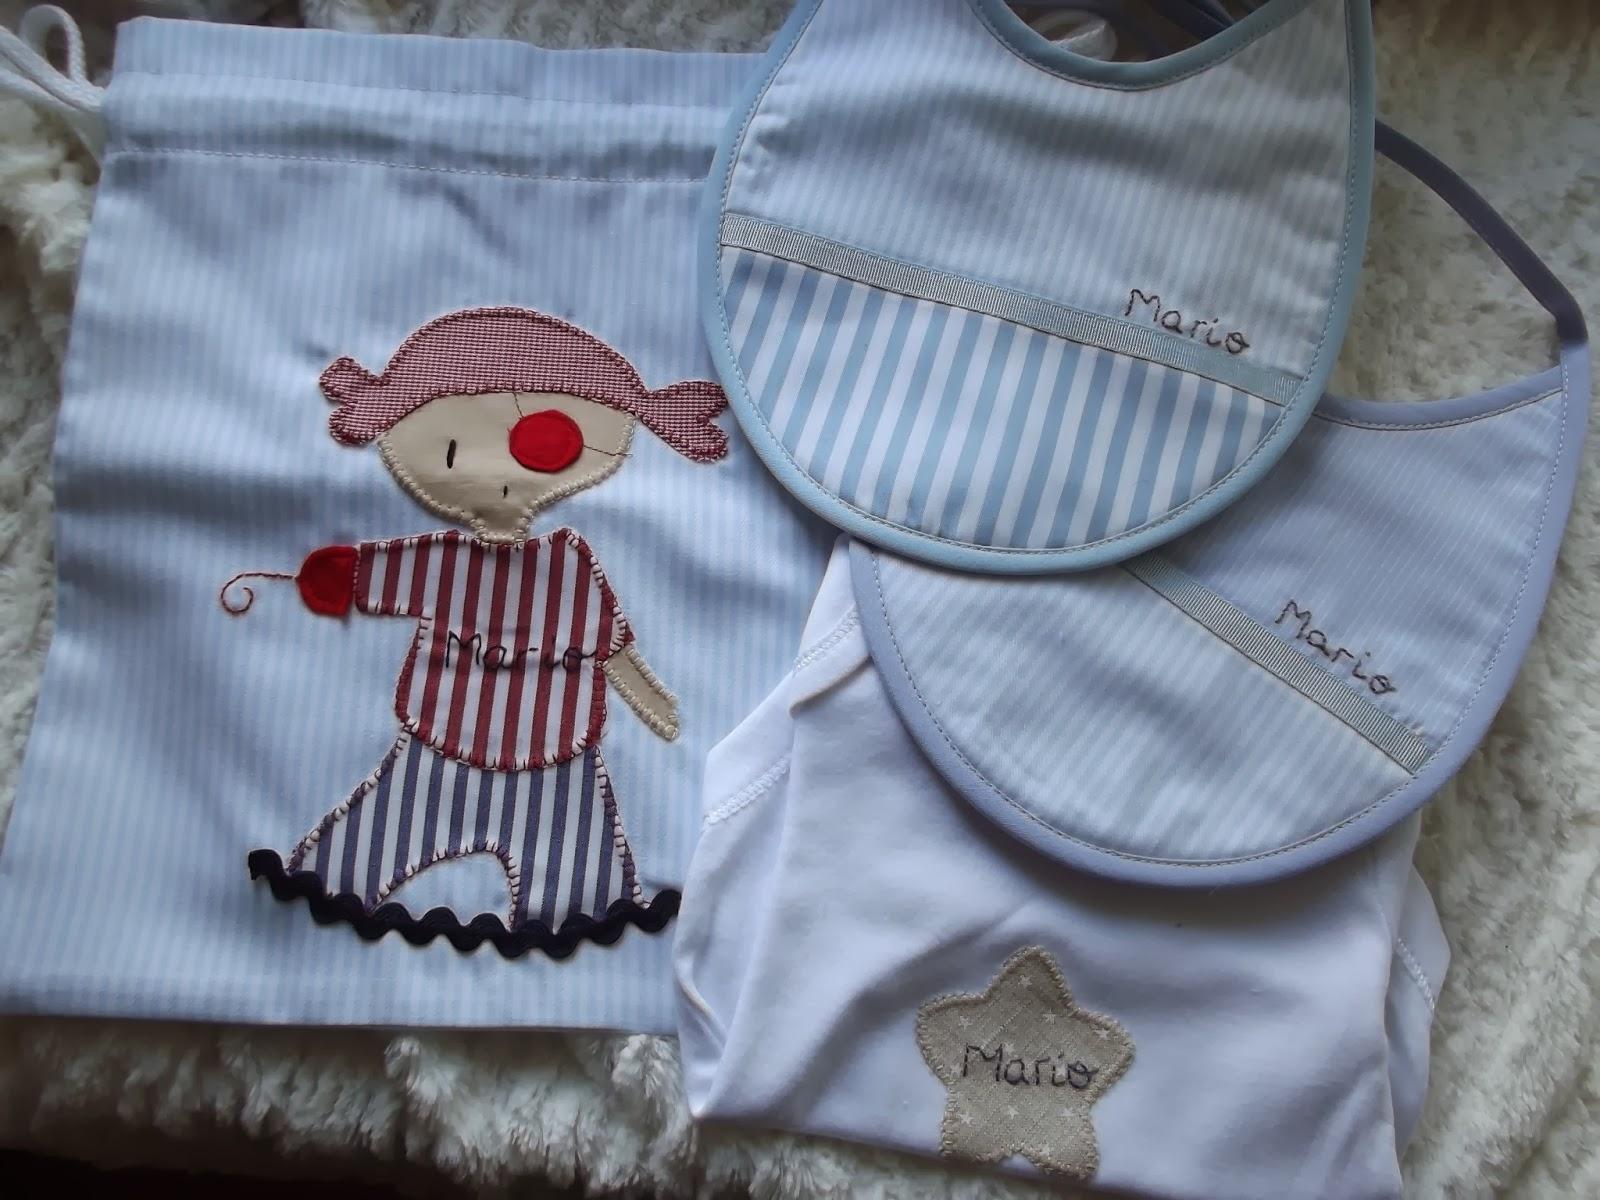 Lorena barciela canastillas y detalles para bebes - Canastillas para bebes ...